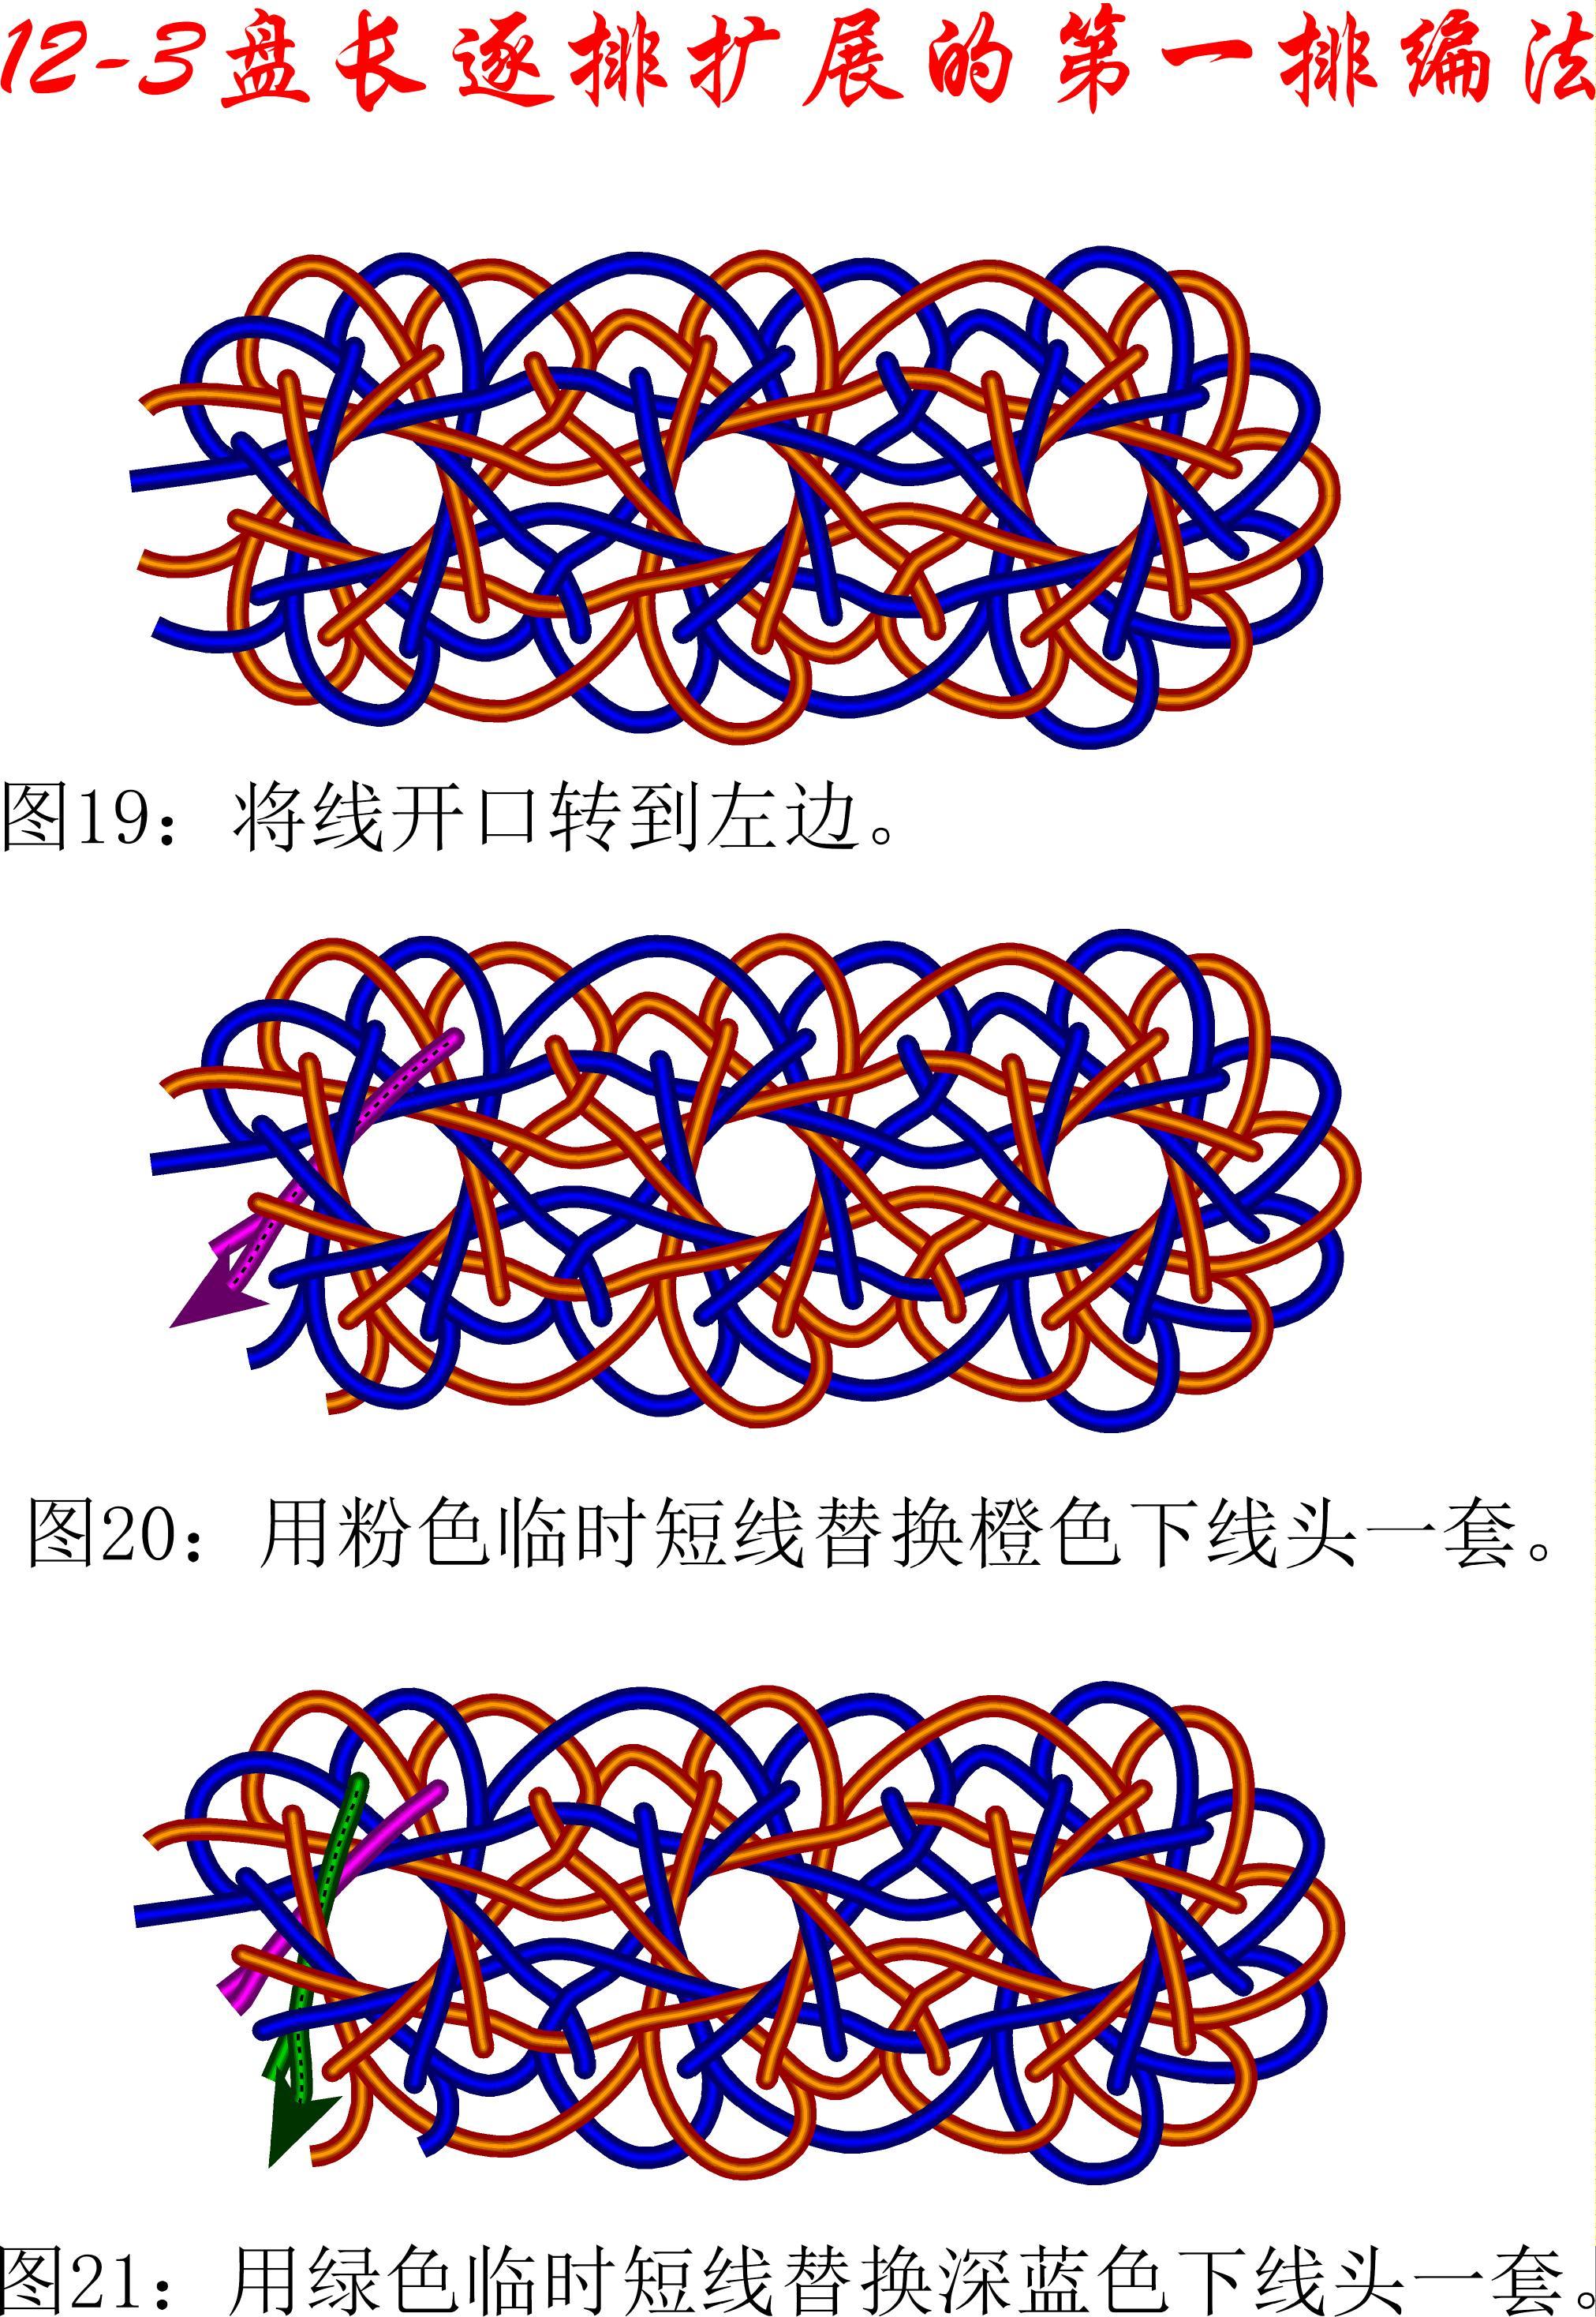 中国结论坛 12-3排扩展法第一排的基盘长编法教程 教程,共基接法,扩展法定义,定基分析法,扩展编码法 丑丑徒手编结 111041qlg54ig9uu2hqhiz